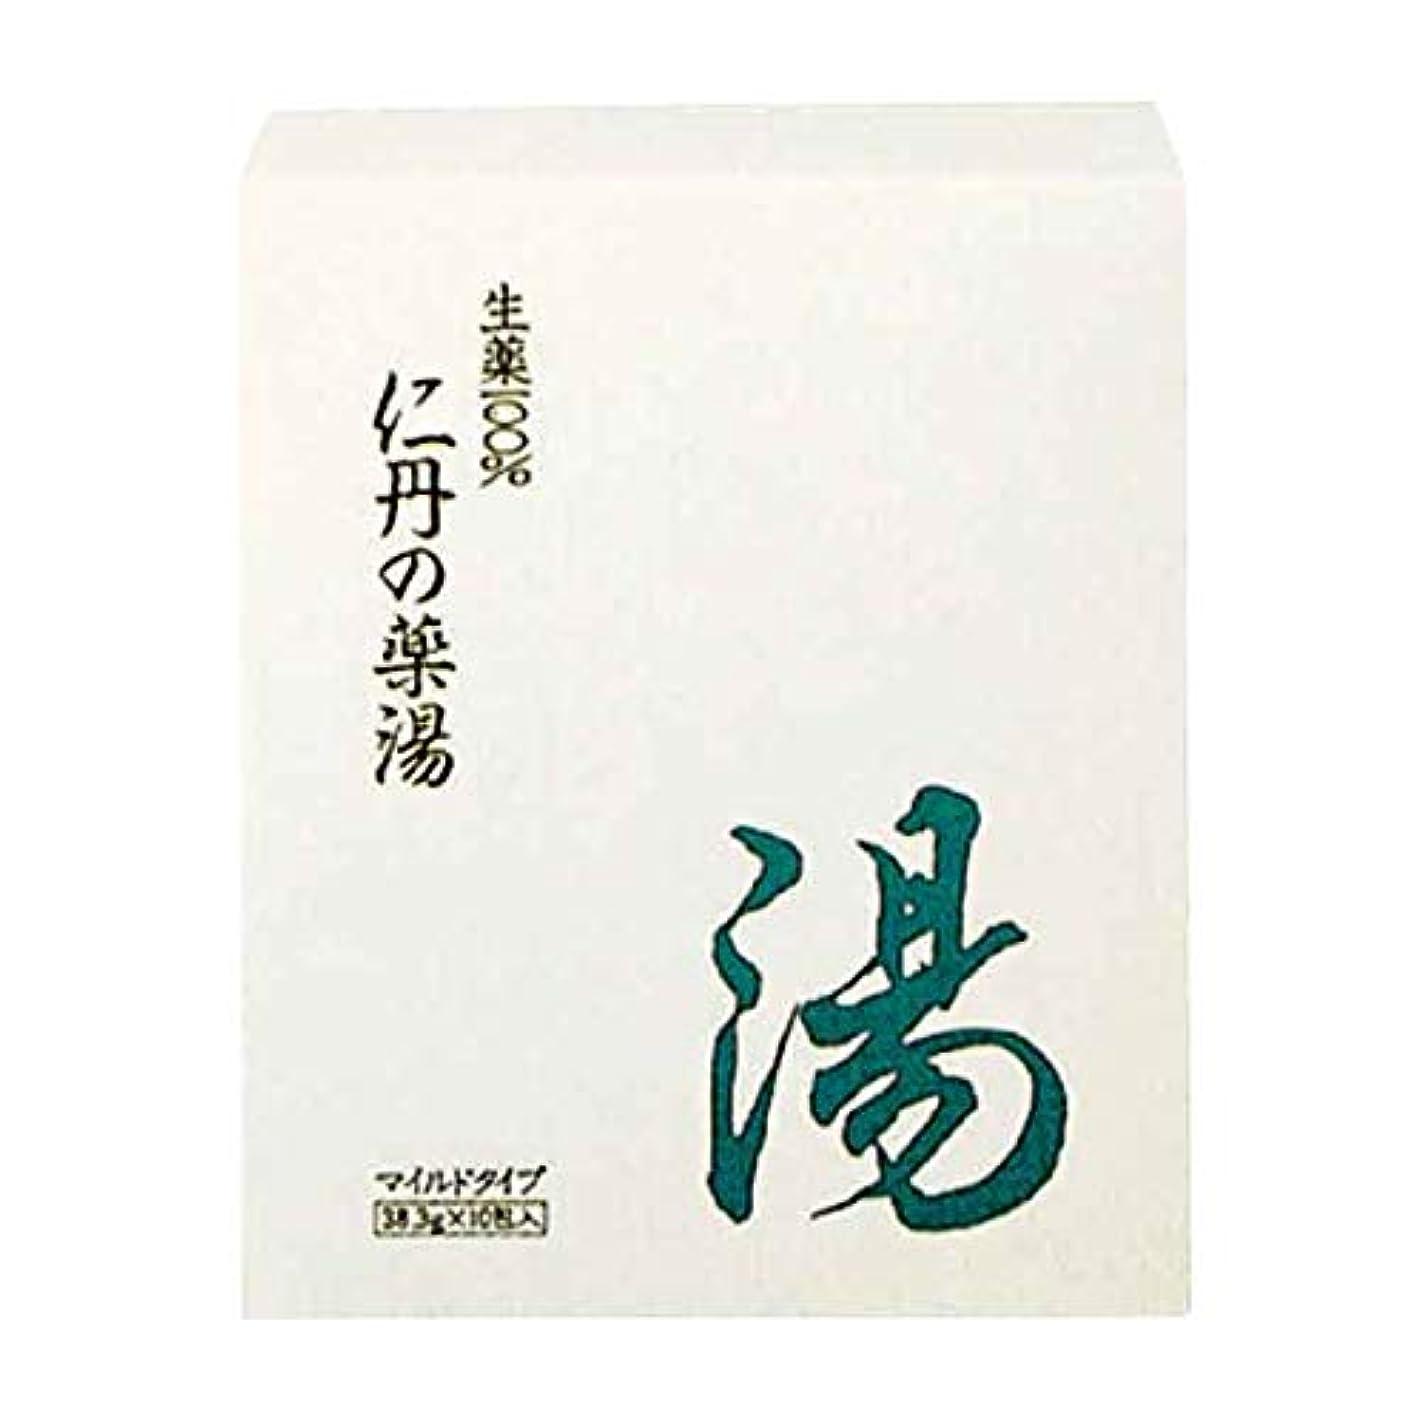 思春期忠実ガロン森下仁丹 仁丹の薬湯(マイルド) 10包 [医薬部外品]